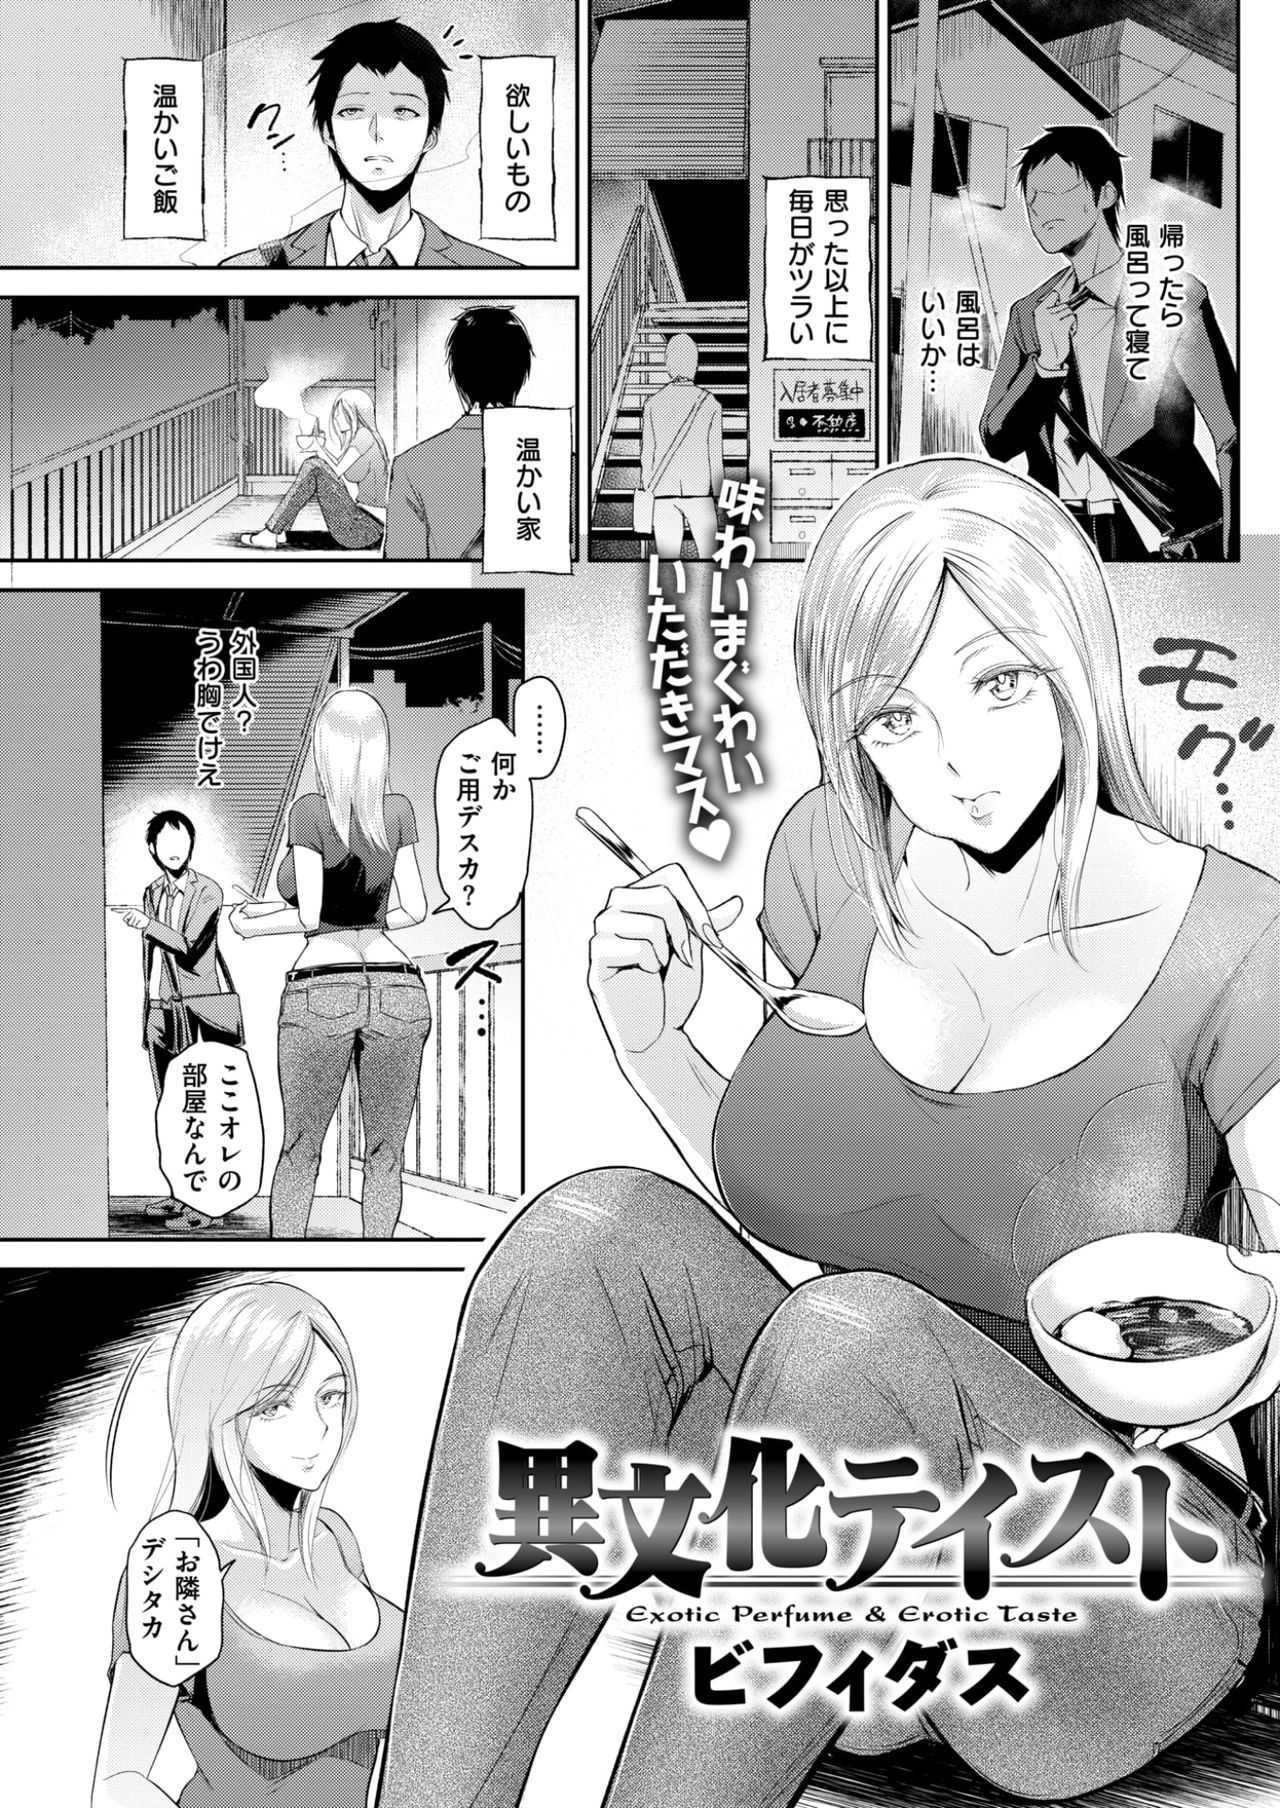 【エロ漫画】ロシア人留学生な美少女の体臭がエロ過ぎて思わず腋をペロペロwww